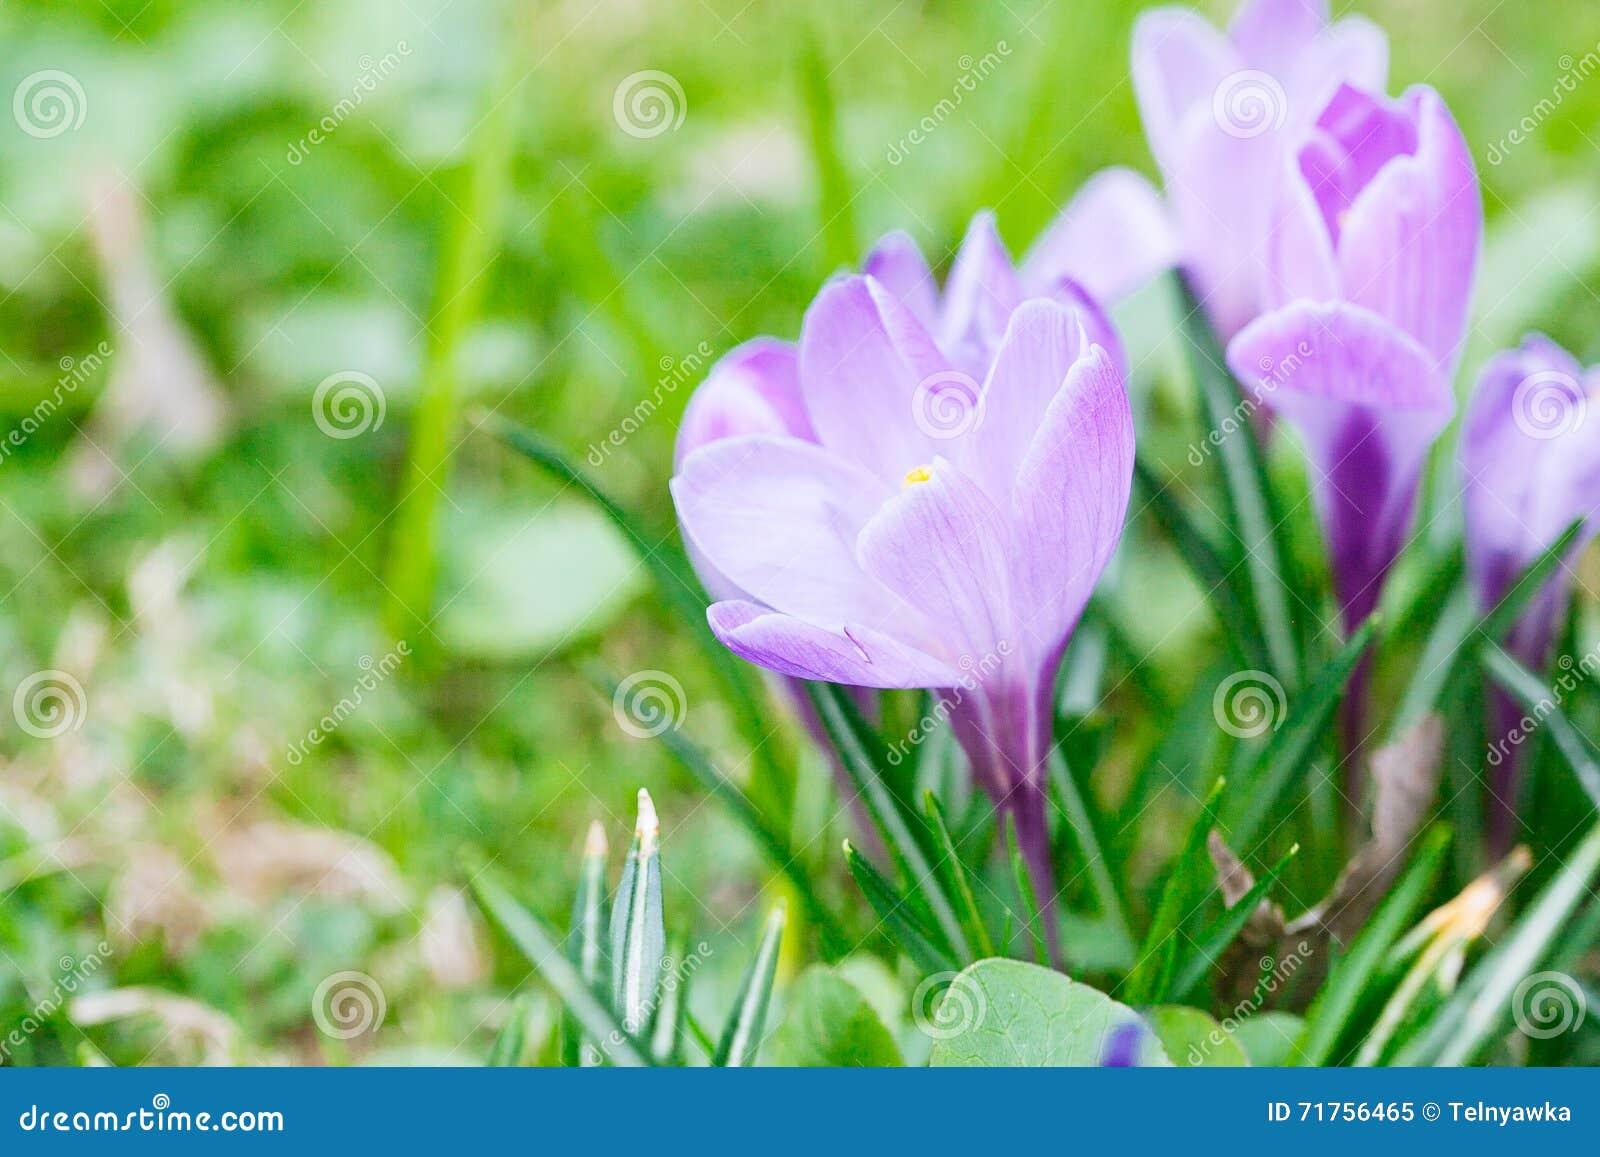 Ομάδα πορφυρού κρόκου (κρόκος sativus) με το εκλεκτικό/μαλακό focu